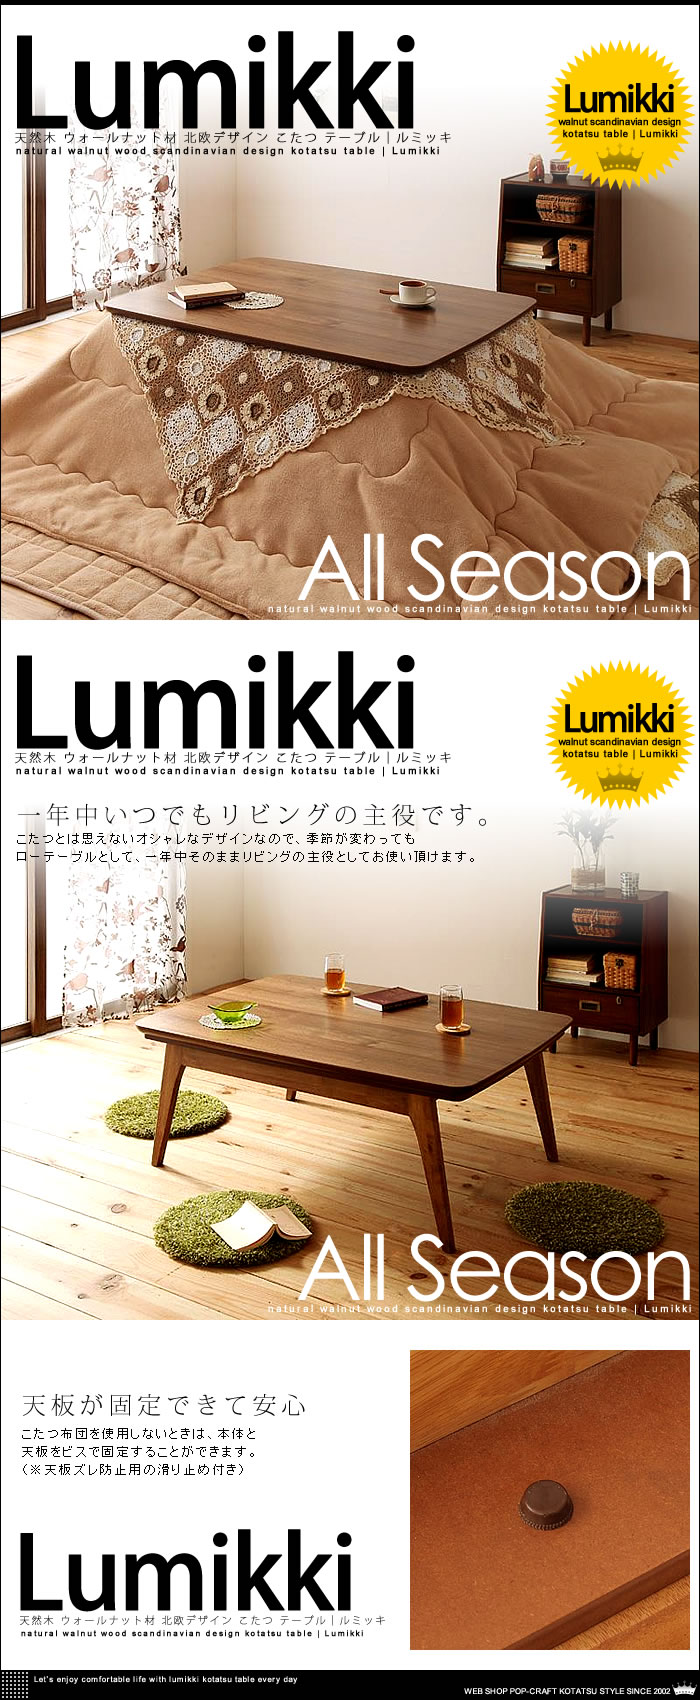 天然木 ウォールナット材 北欧デザイン こたつ テーブル【Lumikki】ルミッキ コタツ オールシーズン